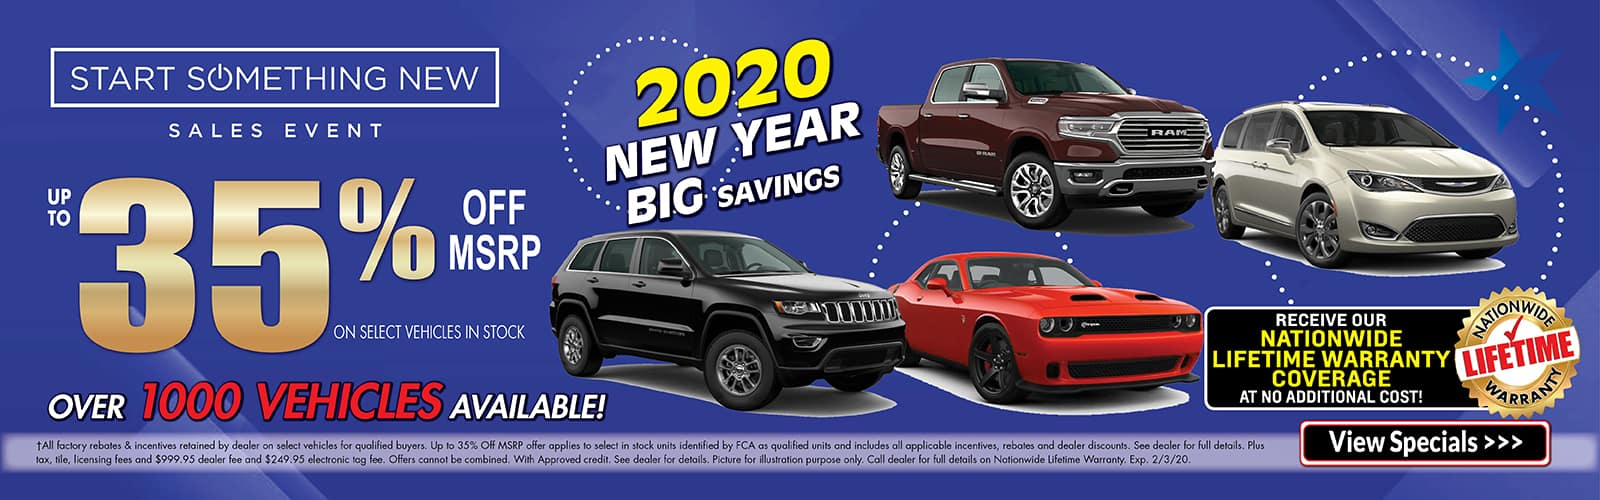 Jim Browne Chevy >> Jim Browne Chrysler Dodge Jeep Ram Tampa New Used Cdjr